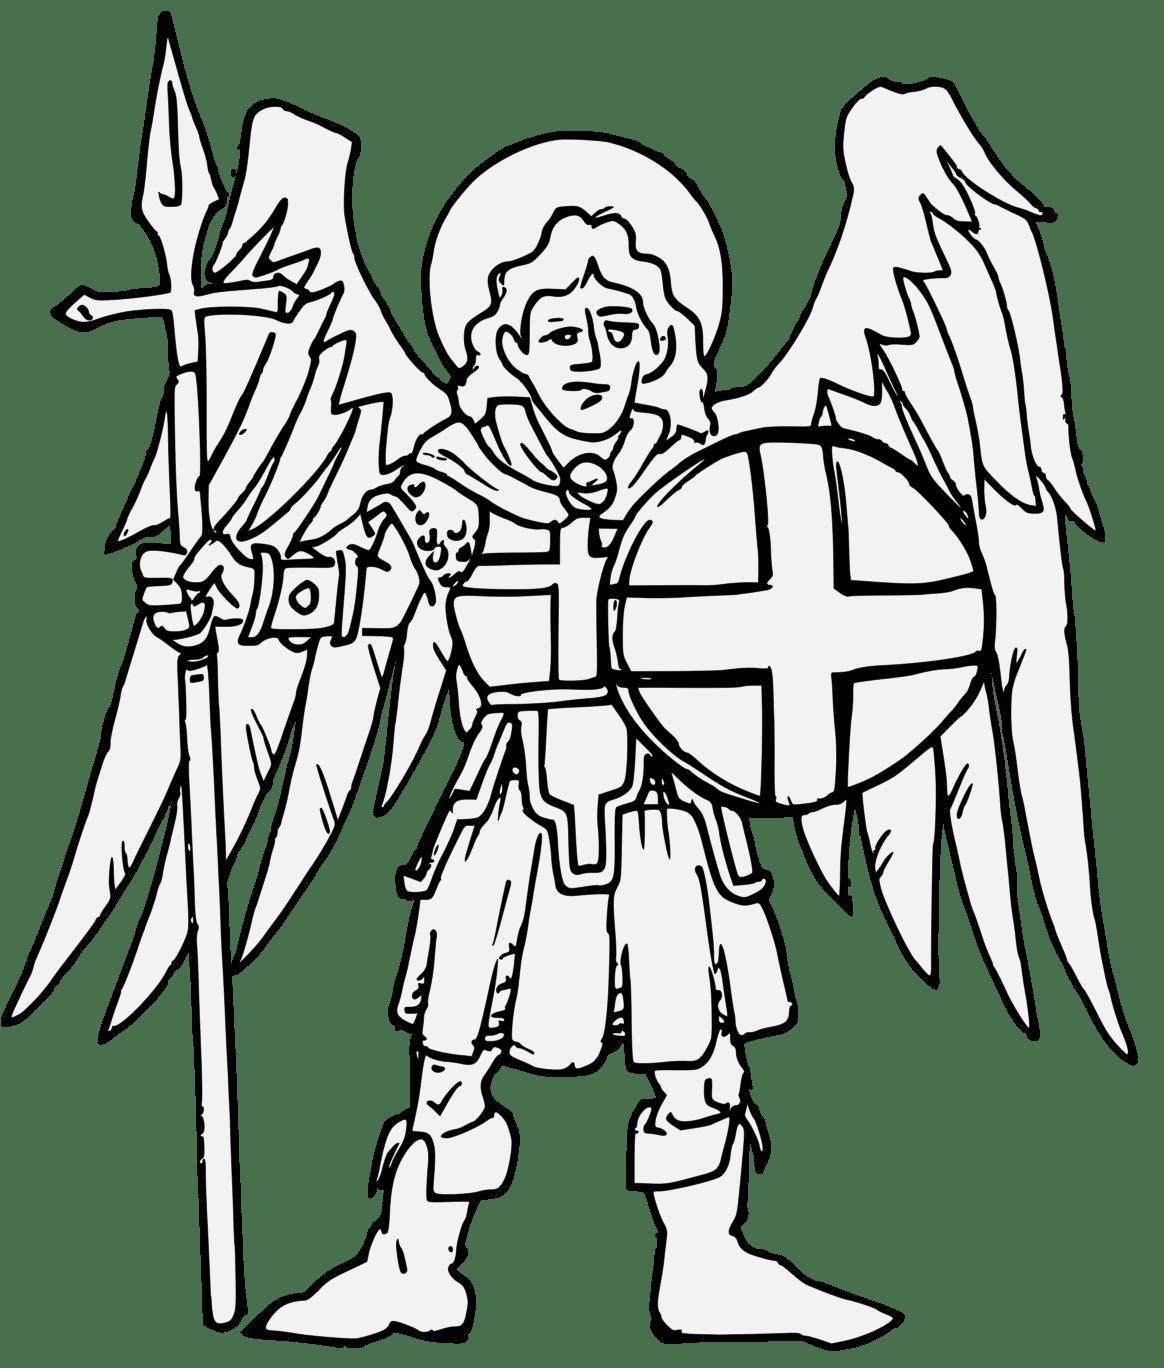 Supernatural Archangel Wings | Wiring Diagram Database